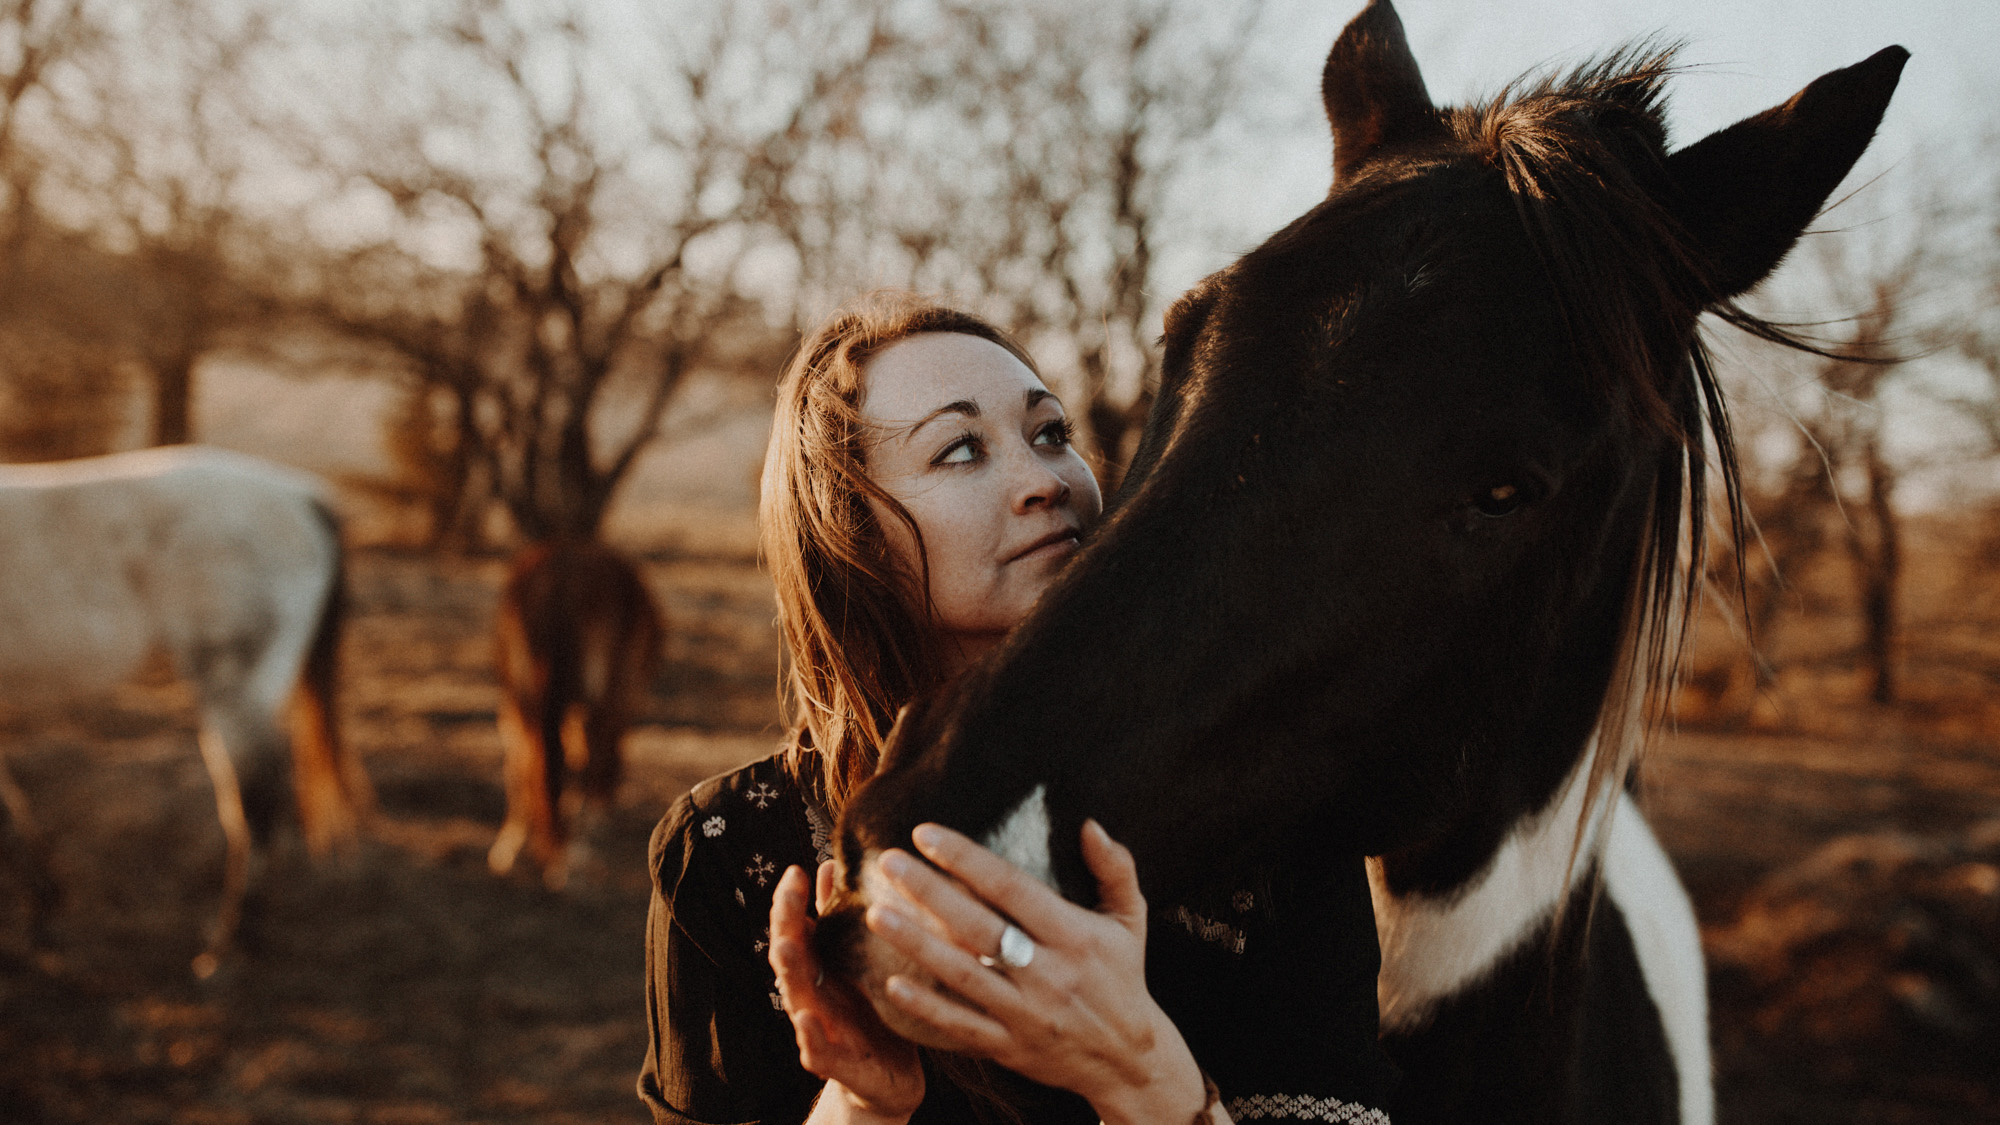 alec_vanderboom_horses_online-0027.jpg